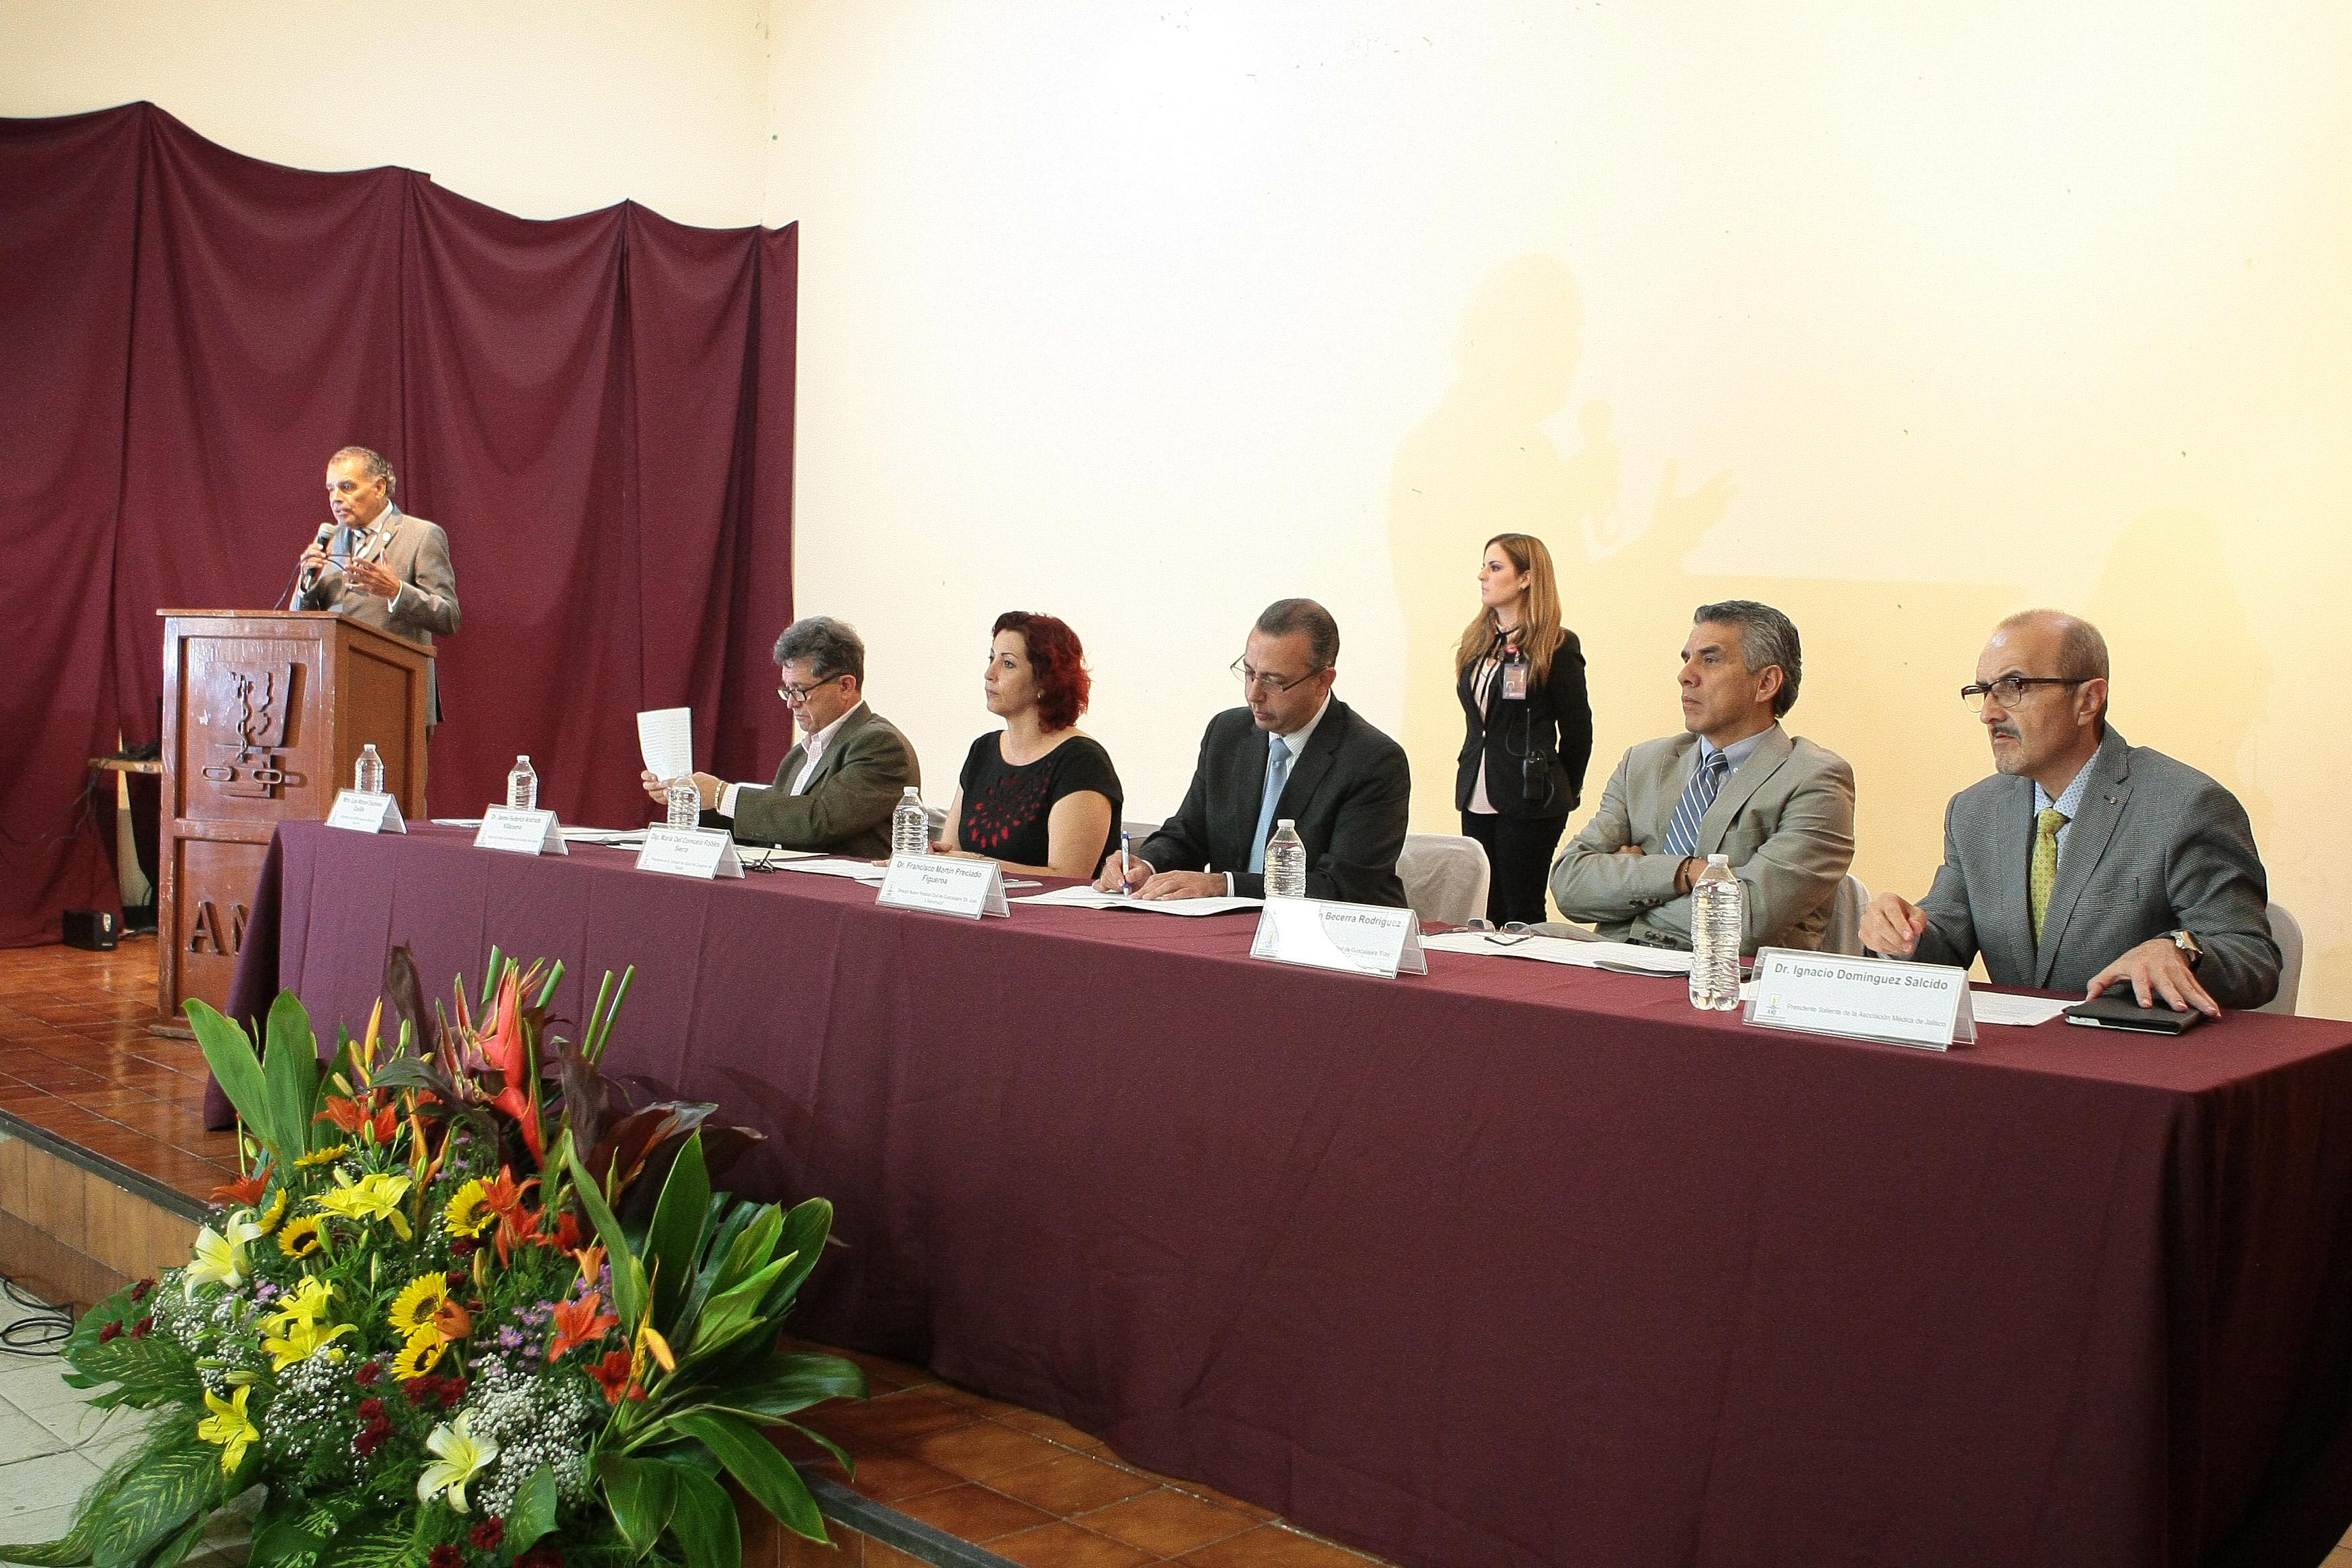 """Miembros panelistas participantes en el foro """"Cuidados paliativos en medicina con base en cannabis (aliada o enemiga)"""", dentro de la XXXIII Asamblea Médica de Occidente, en Casa del Médico de la Asociación Médica de Jalisco (AMJ)."""